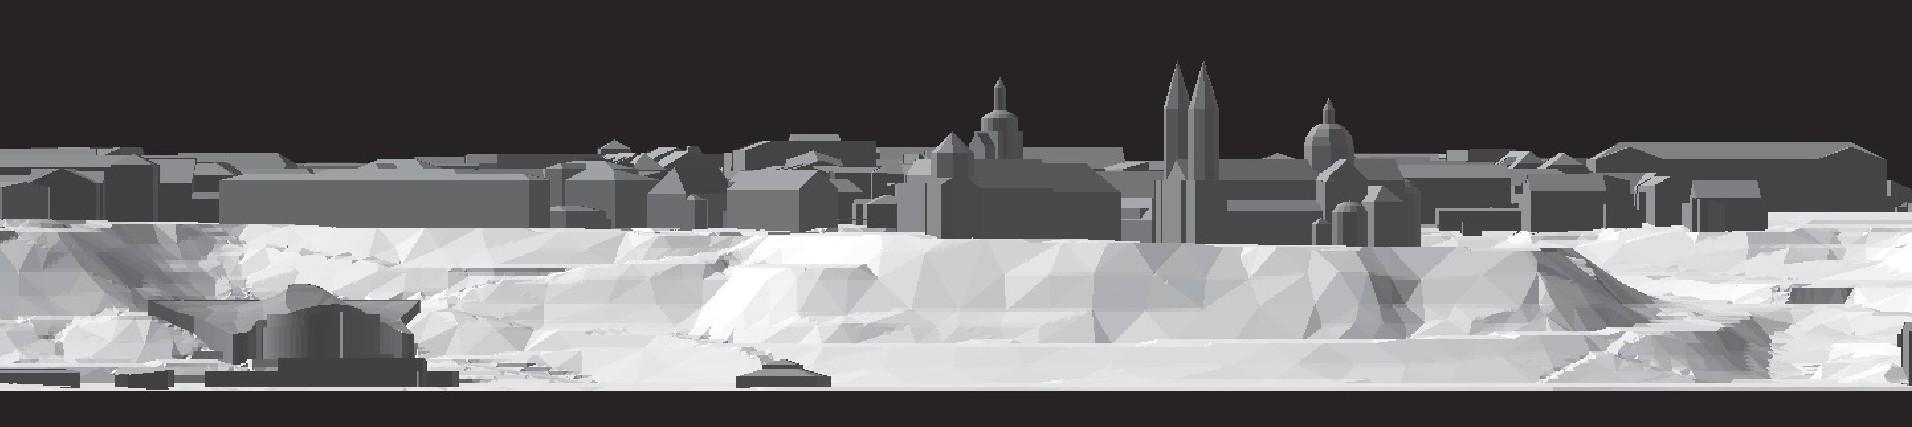 Panorama miasta - model 3d